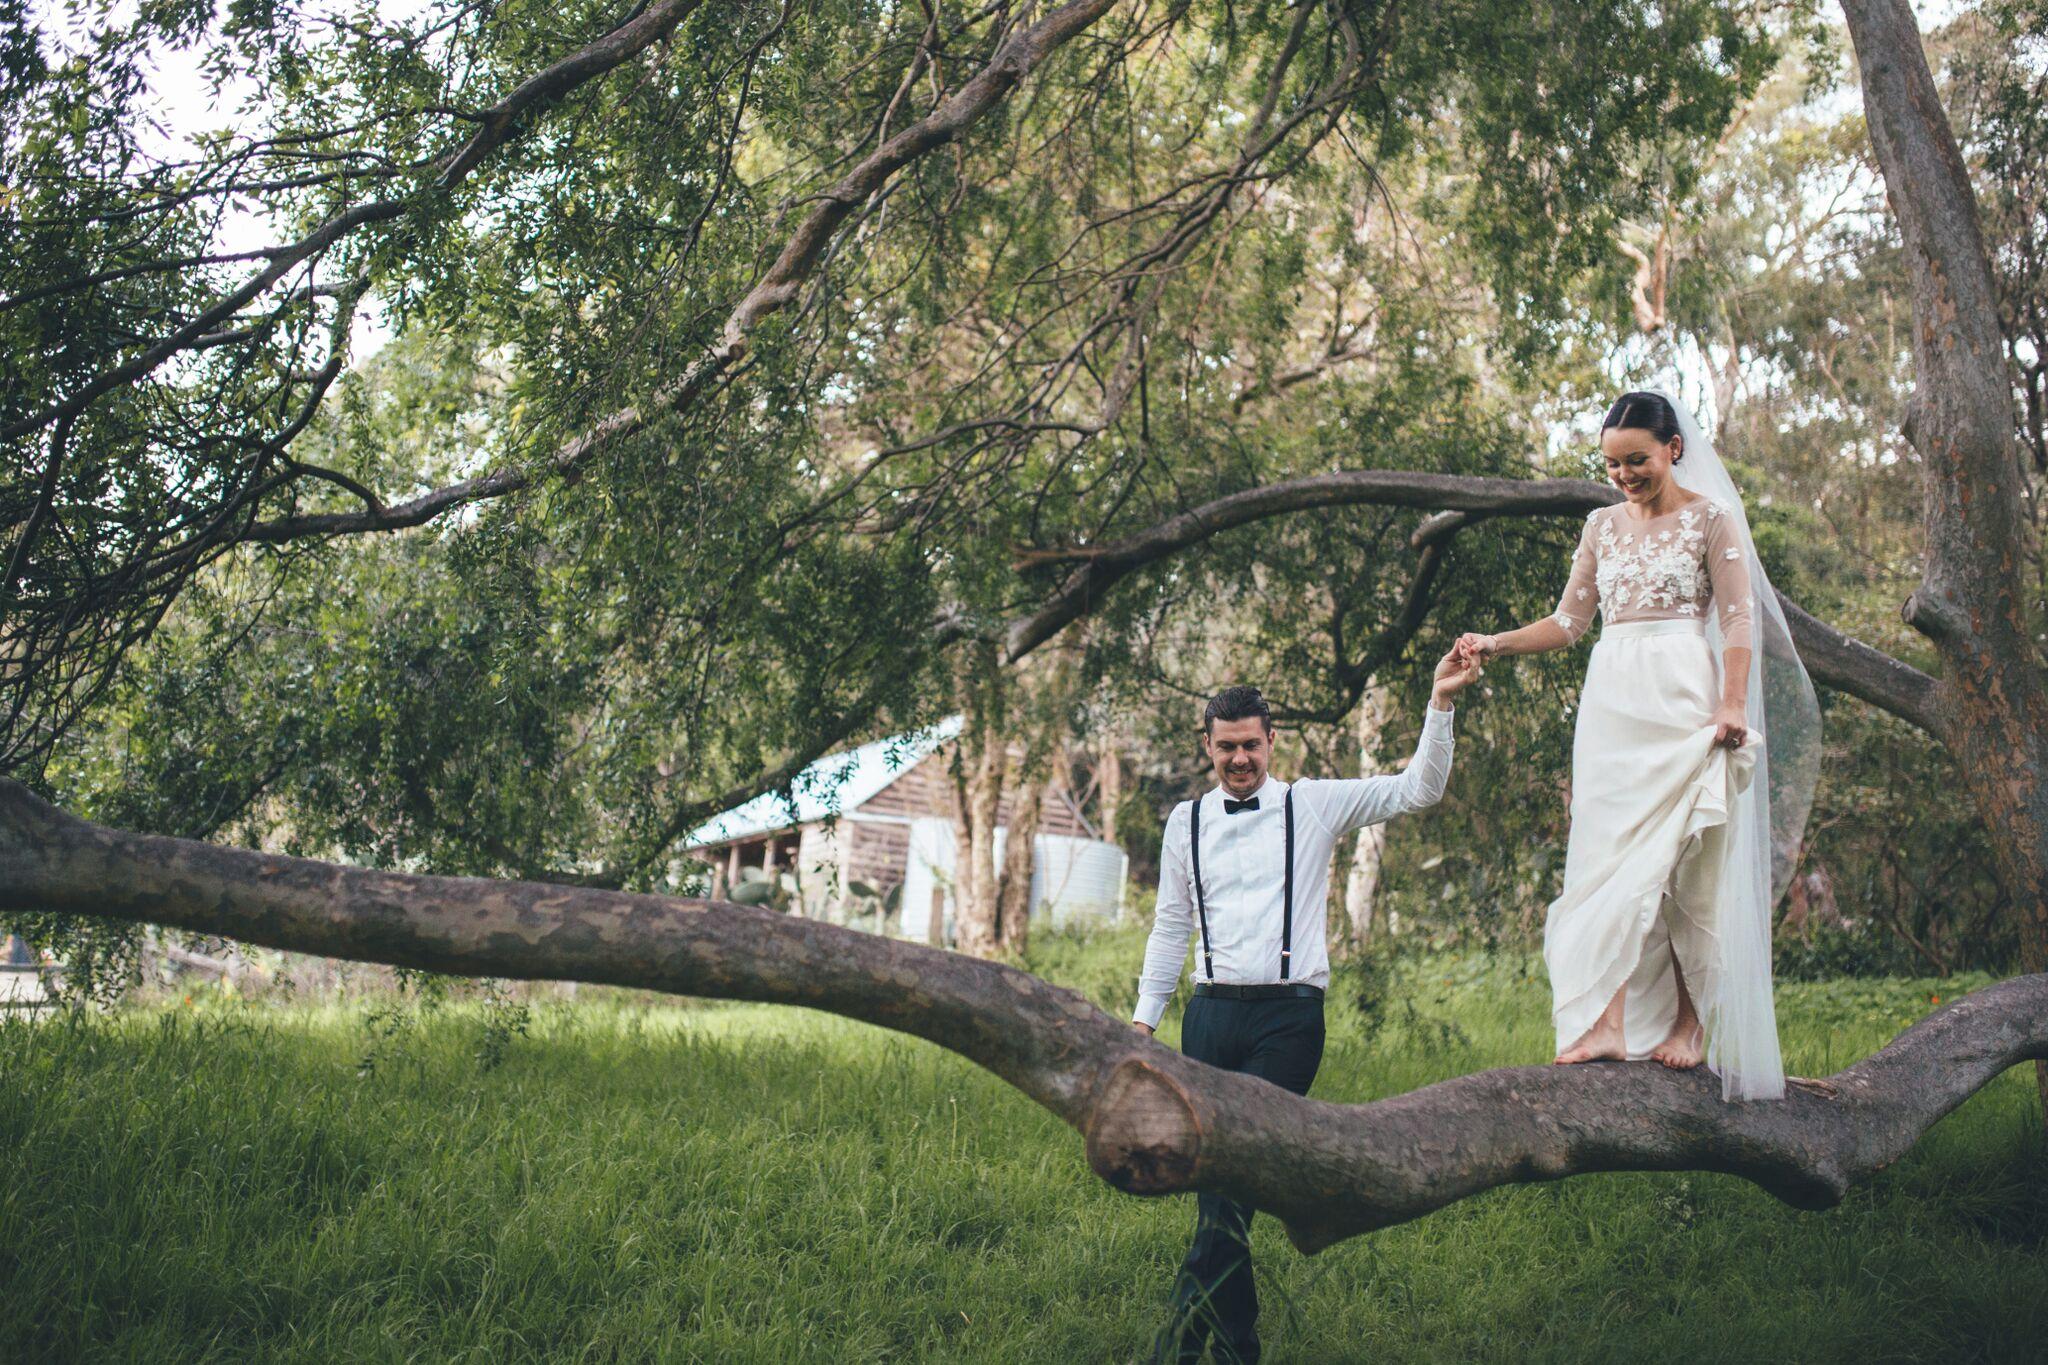 Braut balanciert mit Hilfe des Braeutigams auf einem Ast